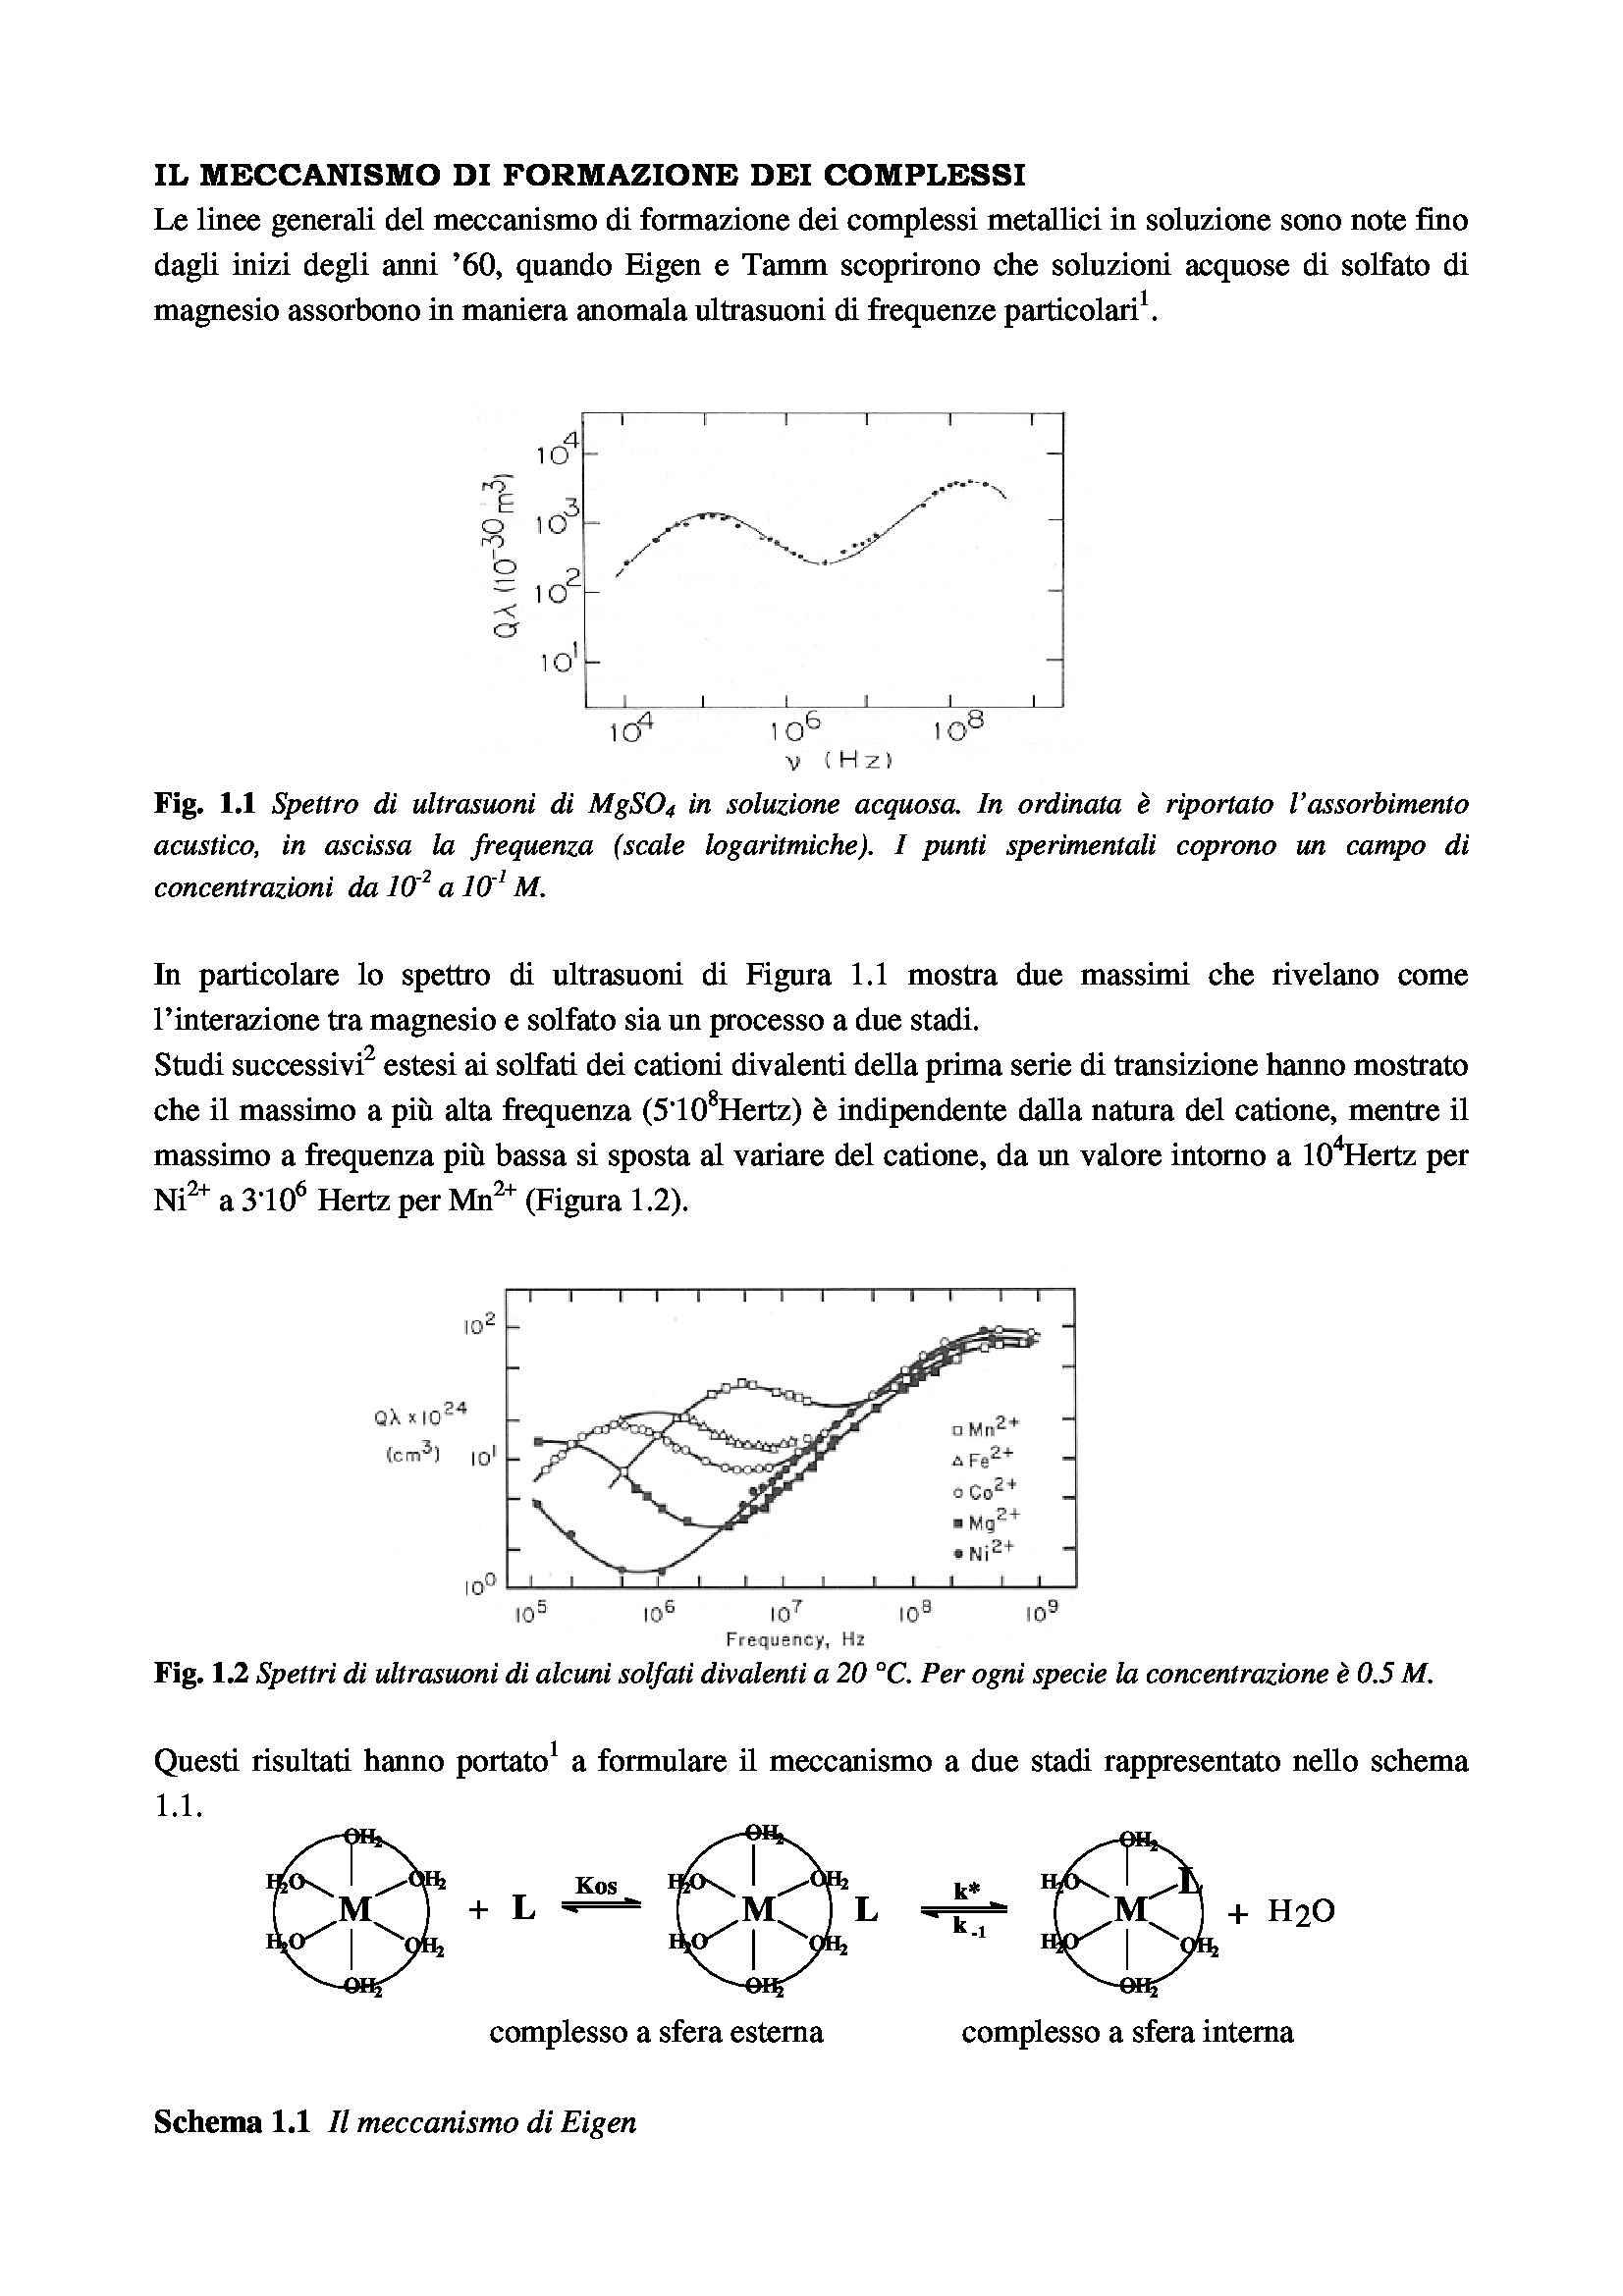 Meccanismo di formazione dei complessi metallici